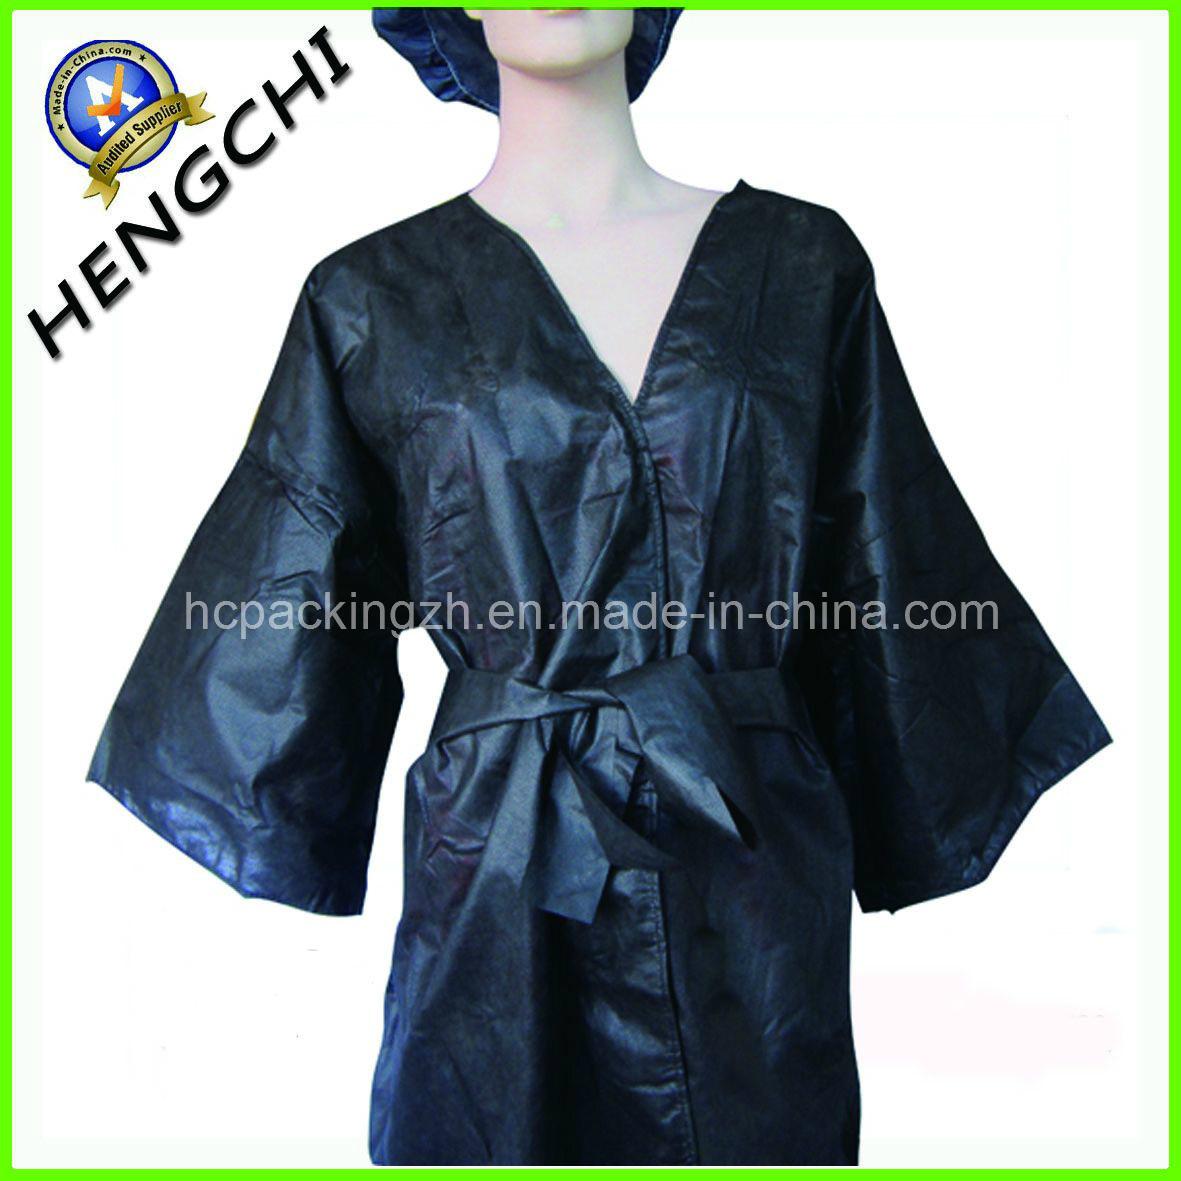 Disposable Non Woven Kimono/Sauna Suit/Bathrobe (HC0193)